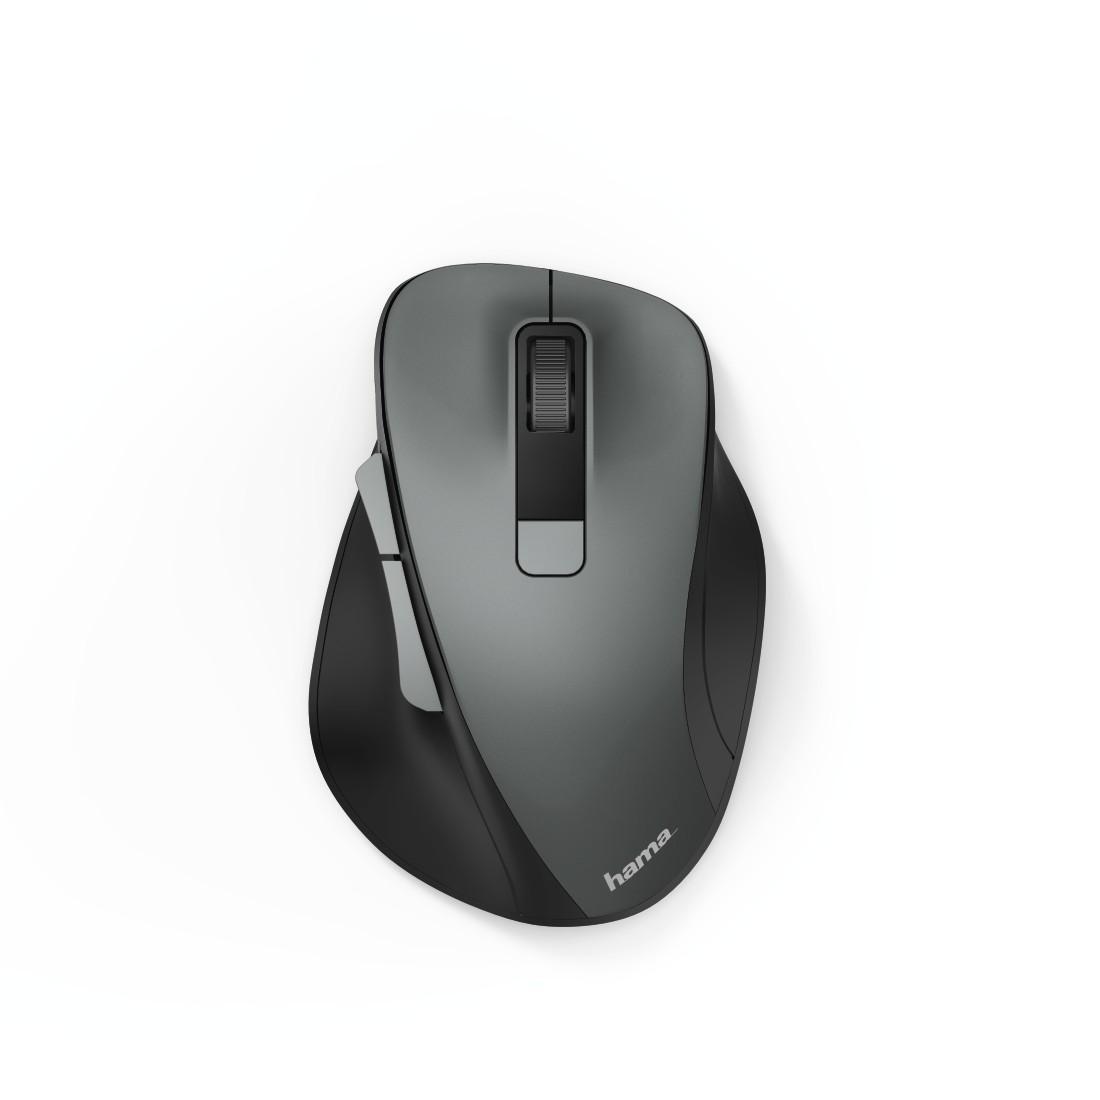 Безжична оптична мишка HAMA MW-500, USB, 1200/1600/800 dpi, безшумна, Сив-2